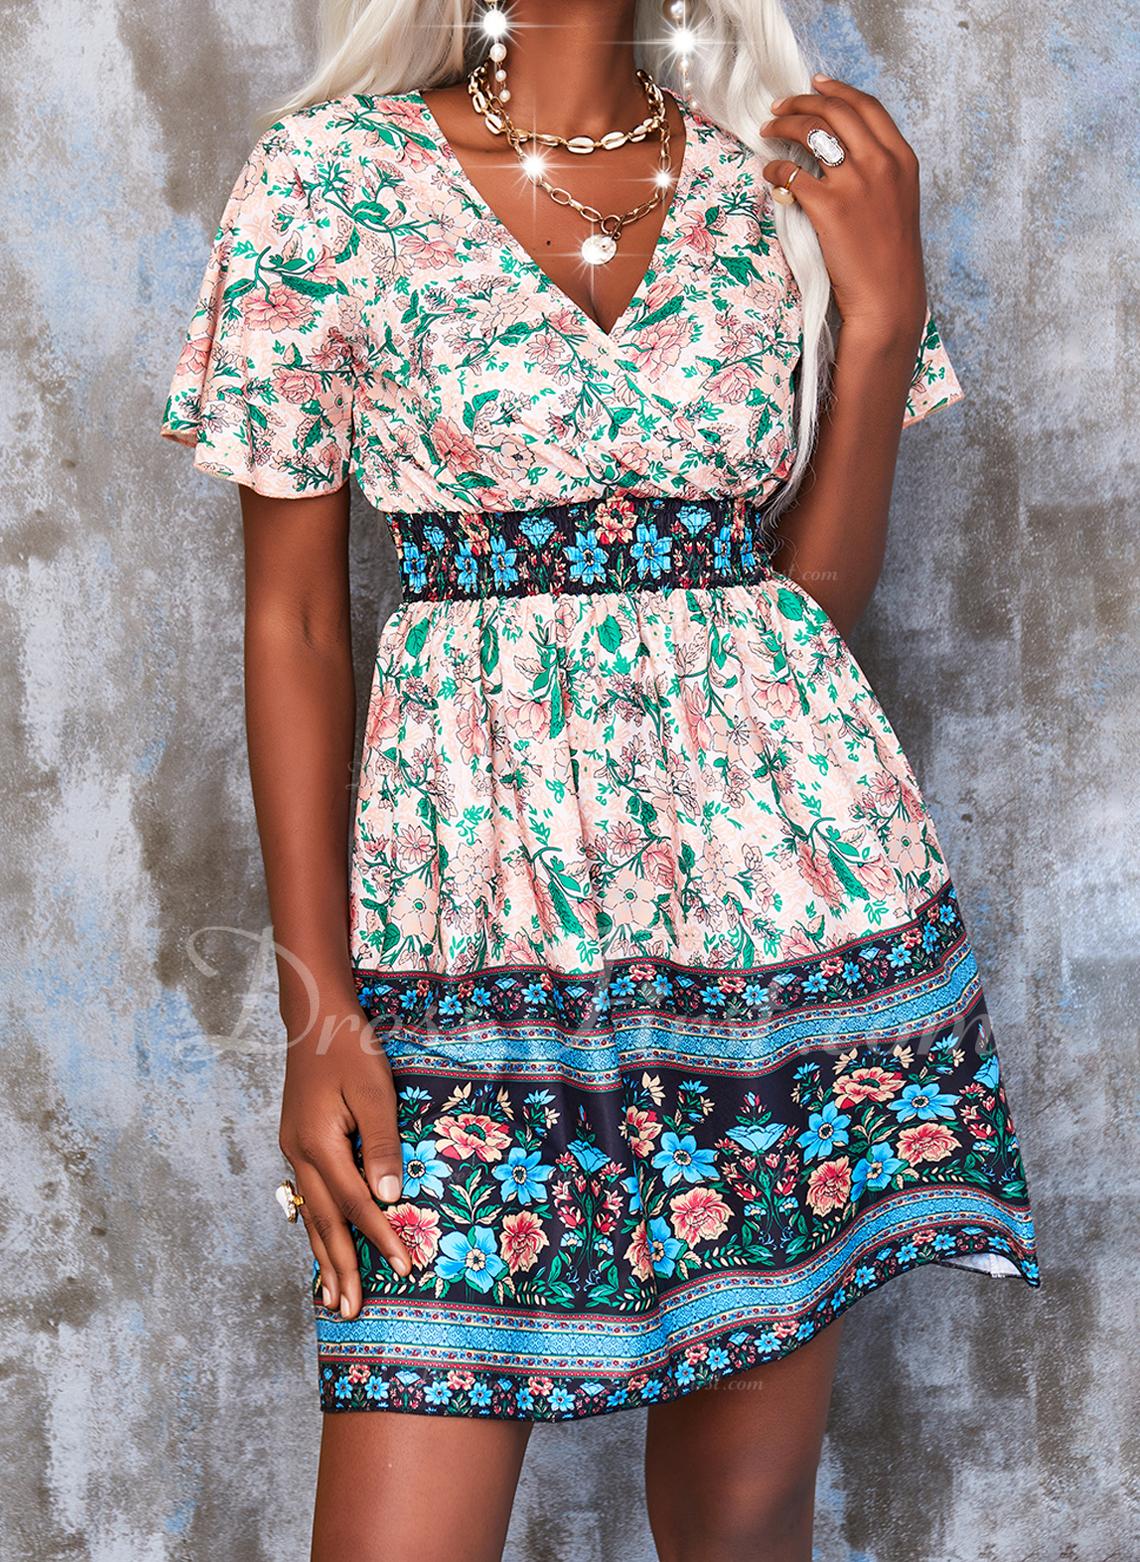 Floral Impresión Vestido línea A Manga Corta Mini Boho Vacaciones Patinador Vestidos de moda